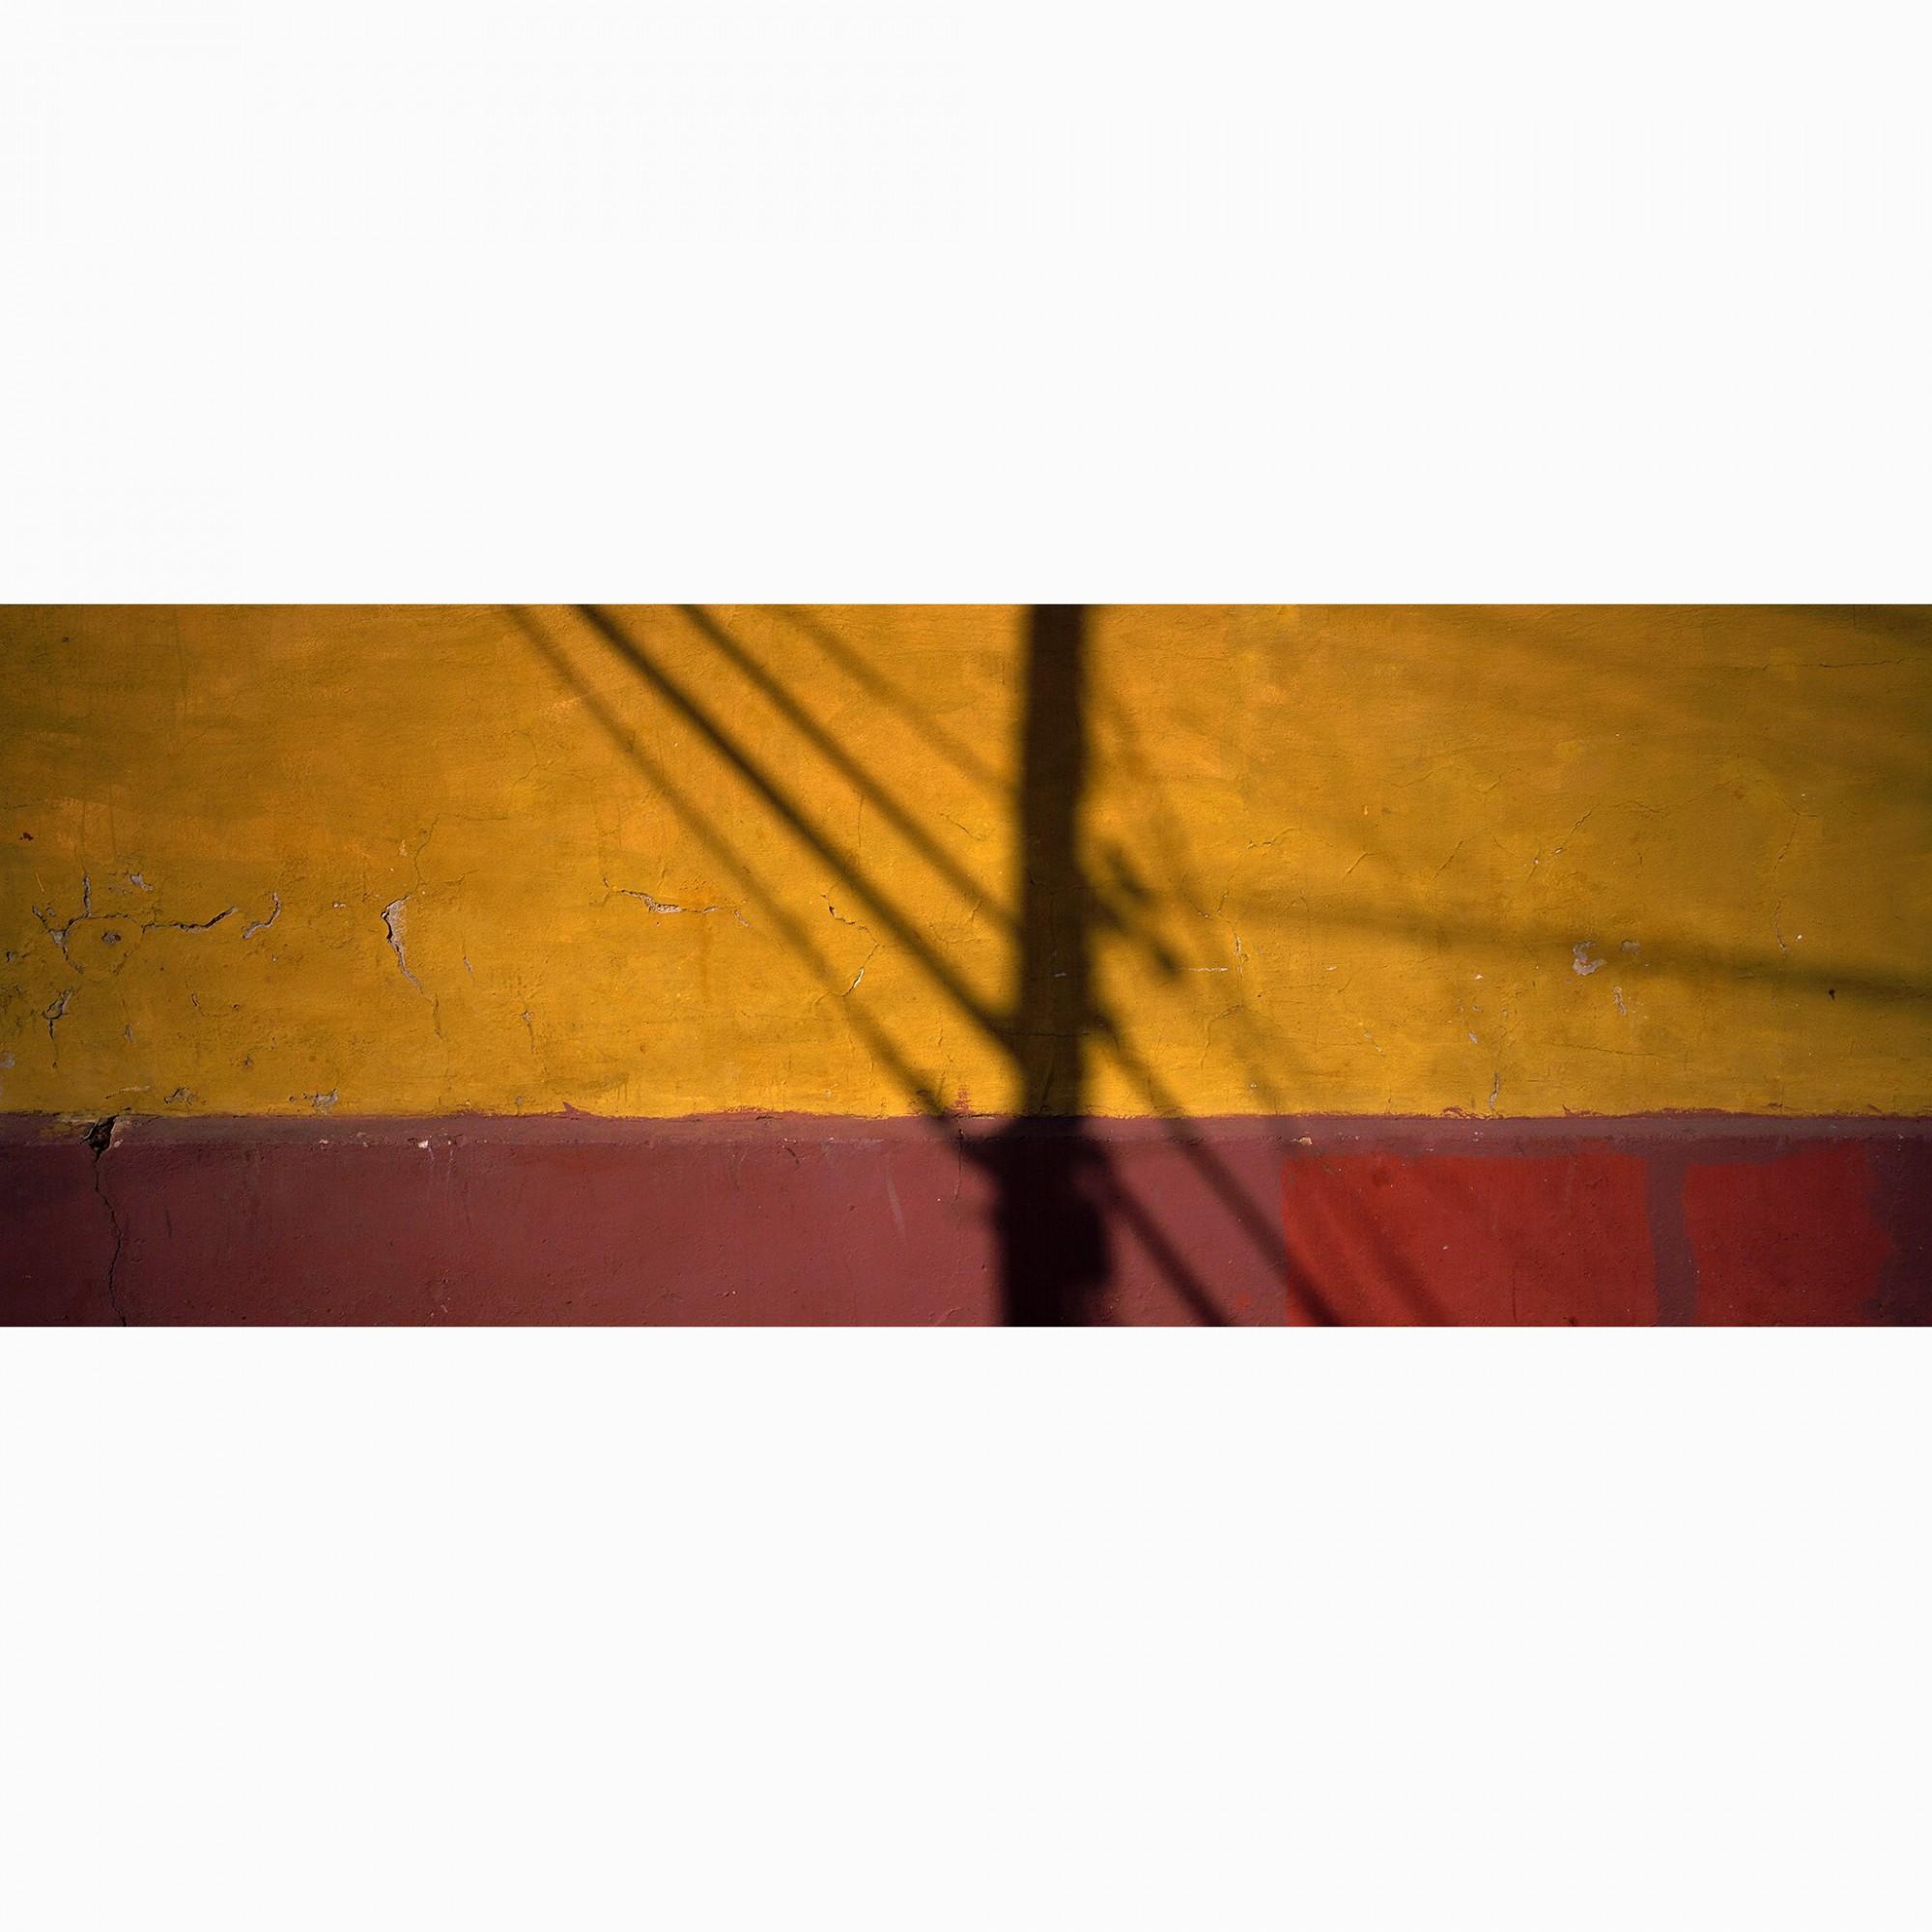 Afbeelding: Fotokunst Dominique Van Huffel, uit de reeks: Muren van geschiedenis. Panoramische opname. Cuba.